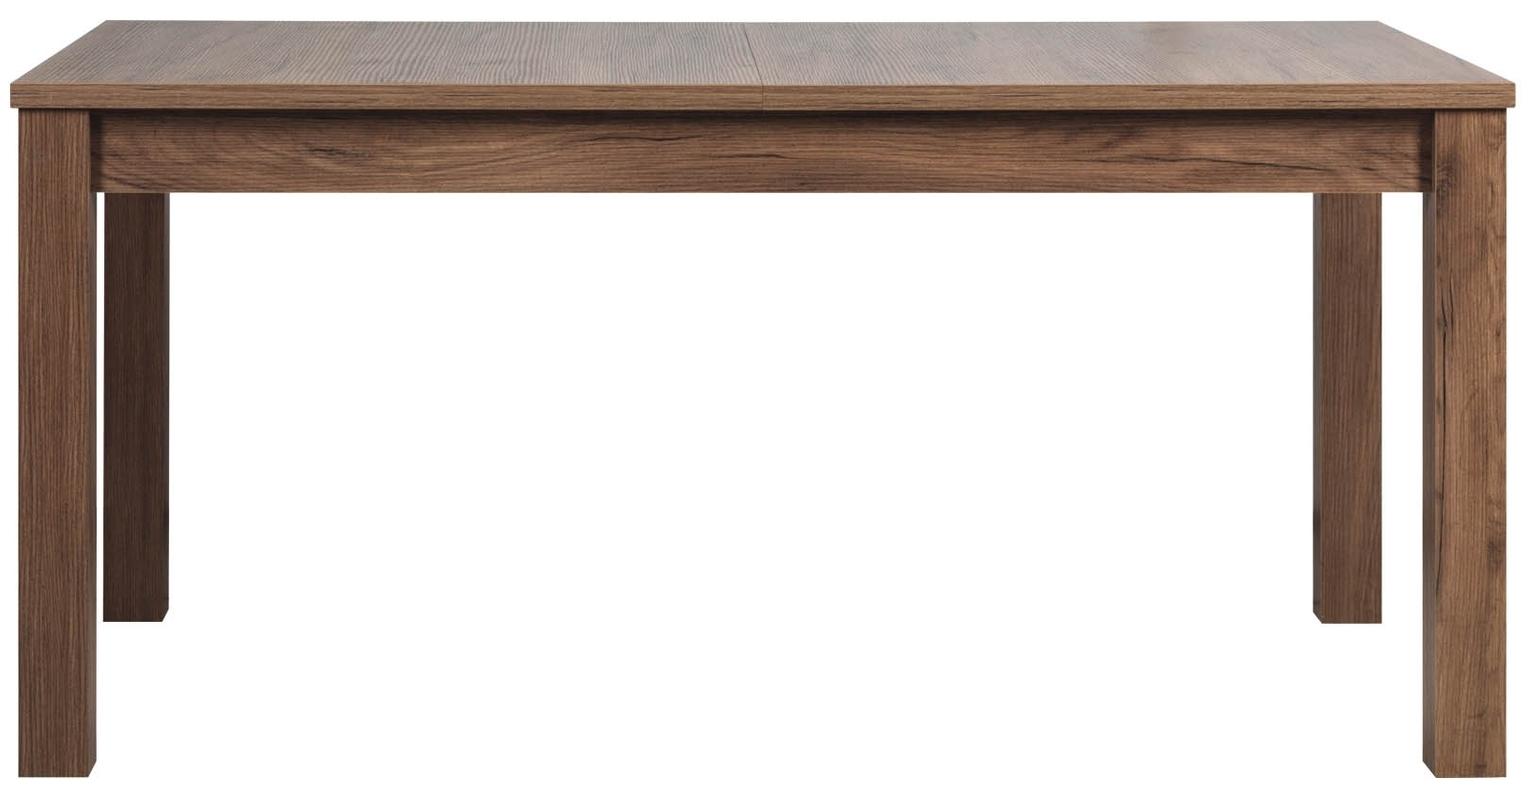 Jedálenský stôl - Bog Fran - Stix - ST 13 (pre 6 až 8 osôb). Sme autorizovaný predajca Bog Fran. Vlastná spoľahlivá doprava až k Vám domov.